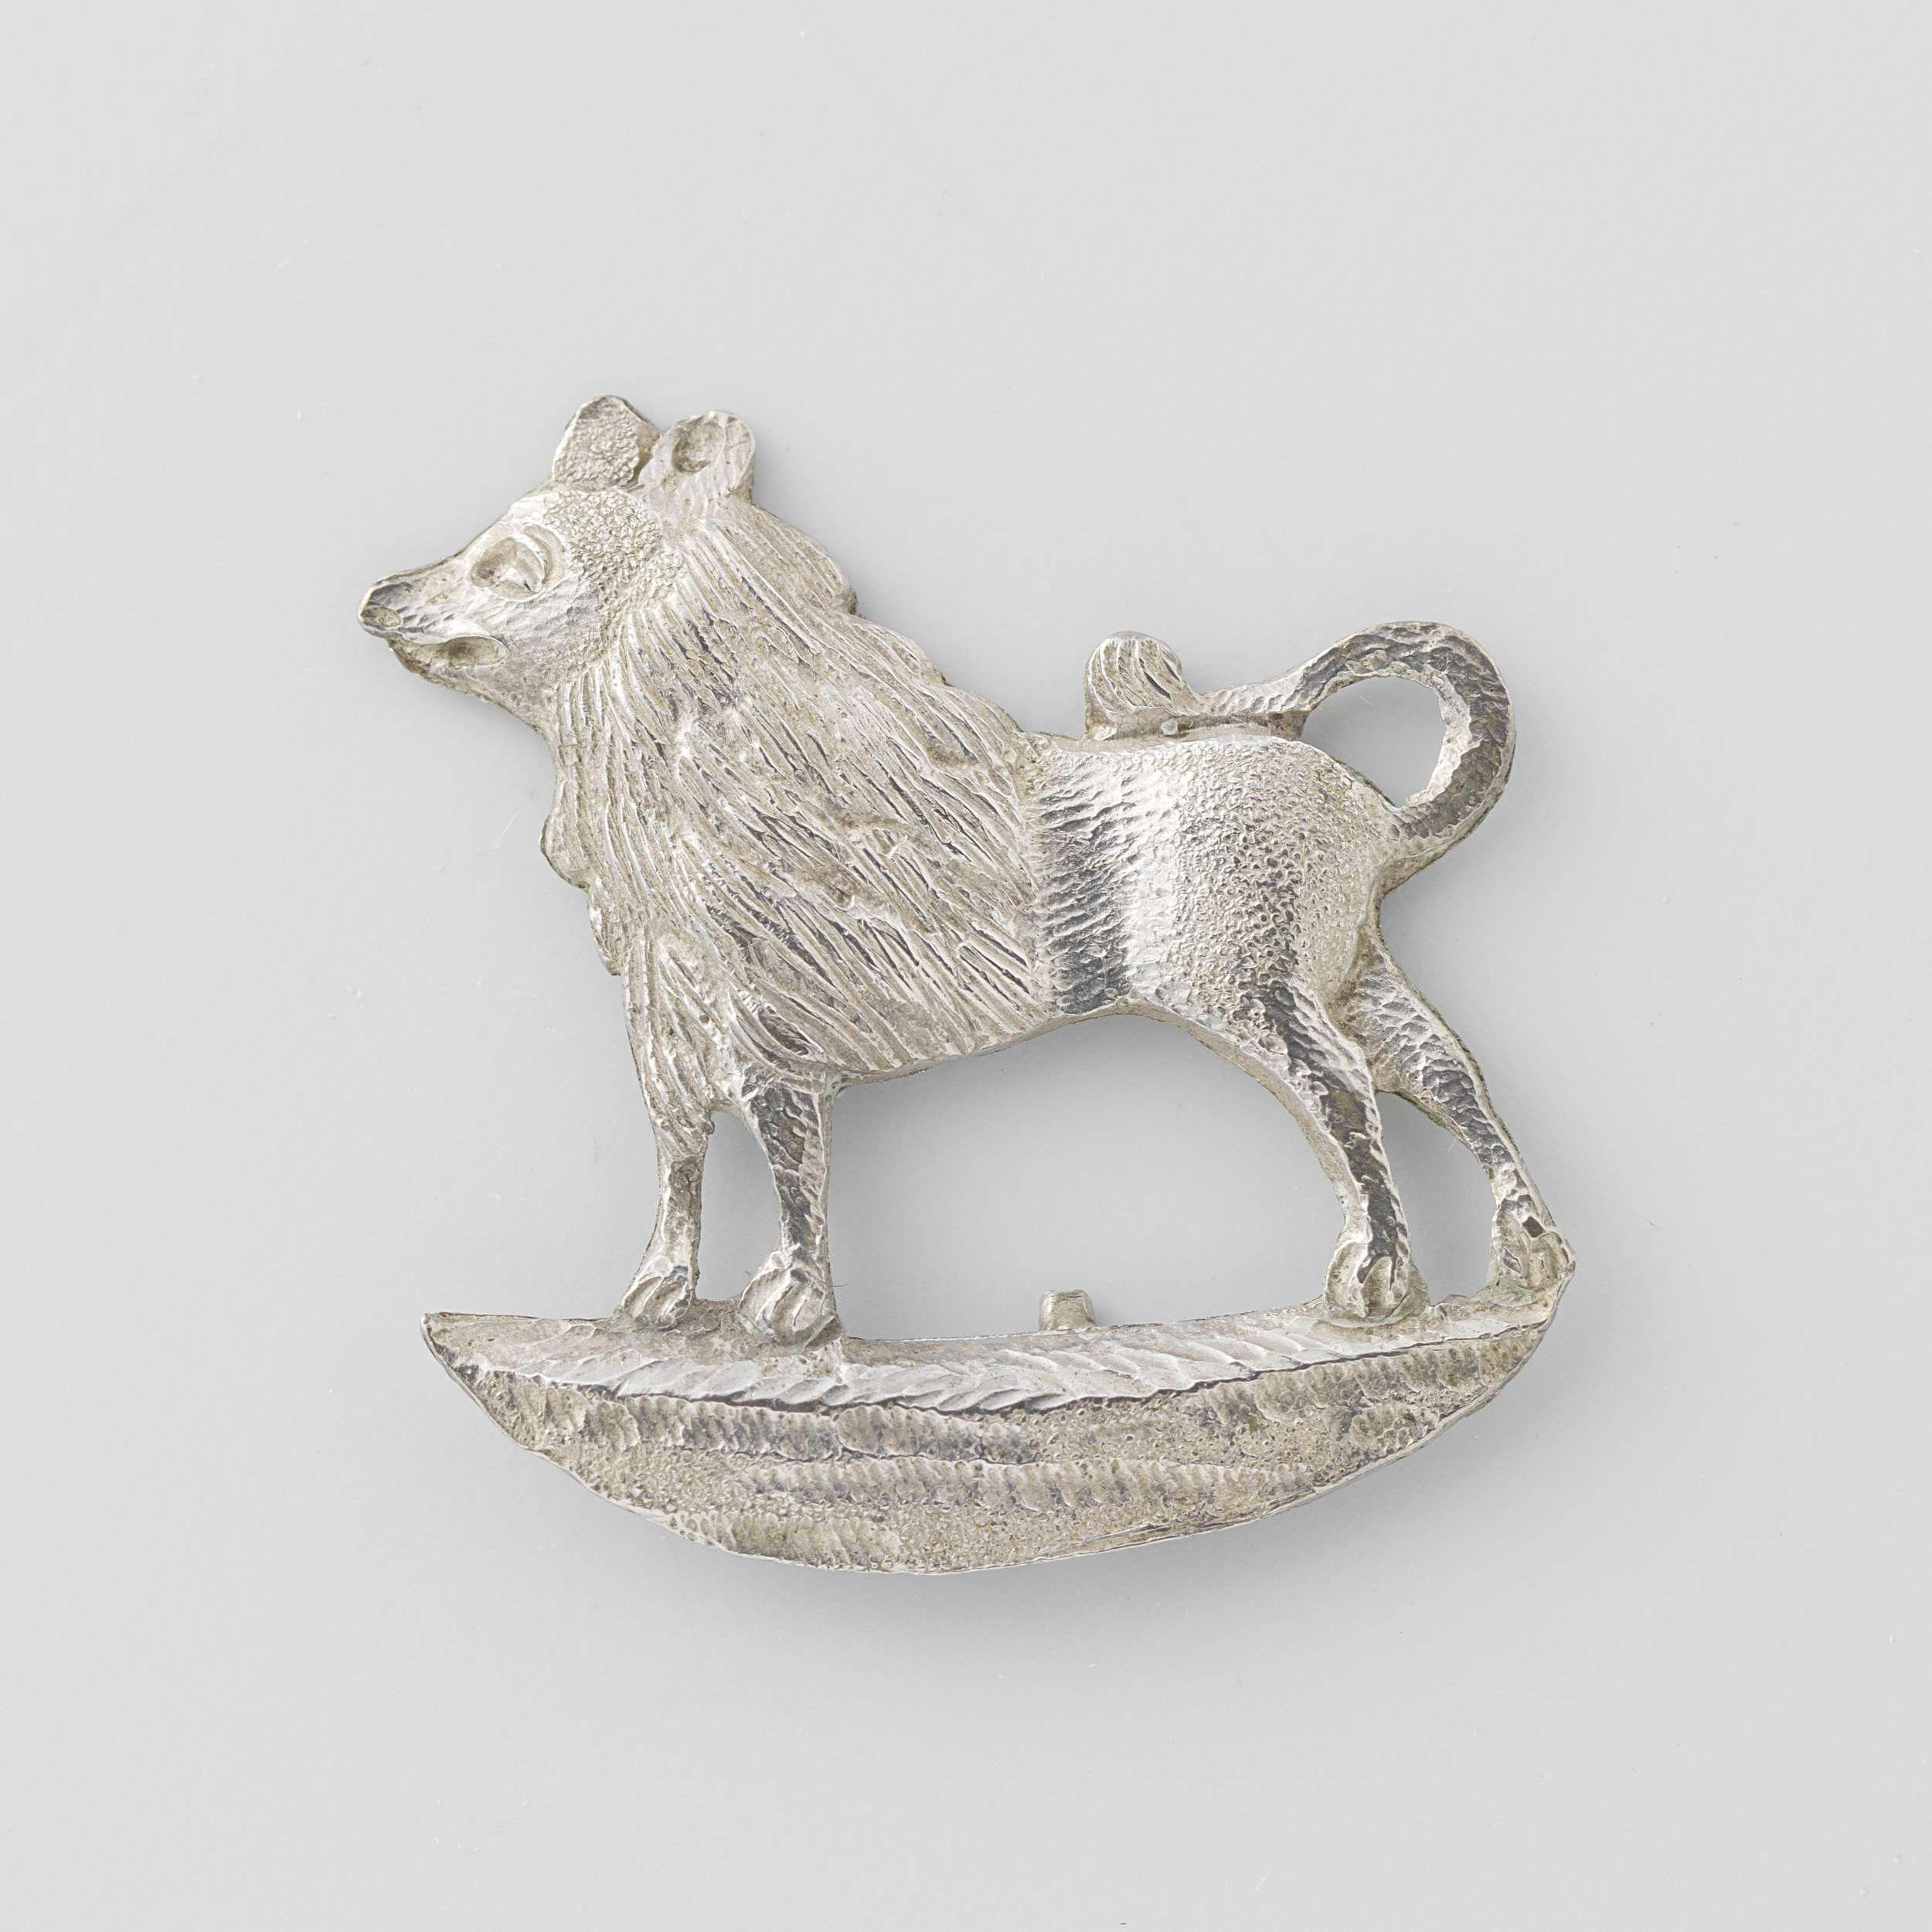 Keeshondje, anoniem, 1784 - 1787, worn as a symbol of patriotism.